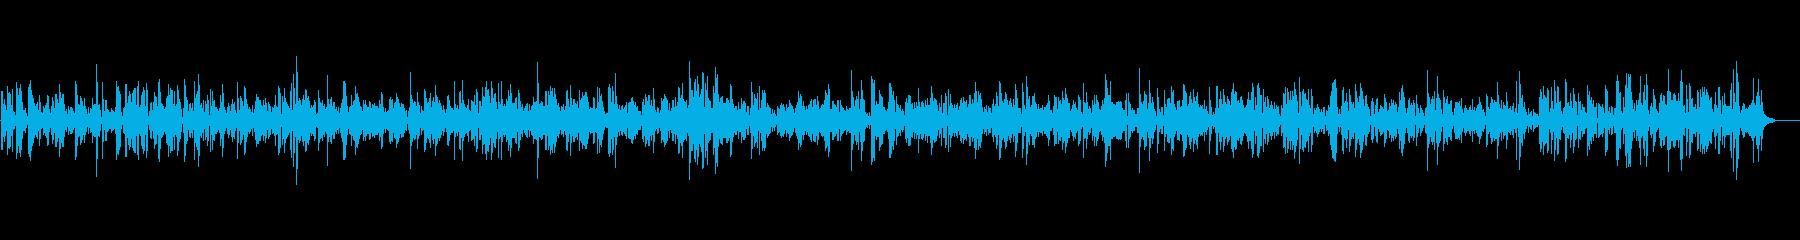 JAZZ|しっとり癒される大人のジャズの再生済みの波形